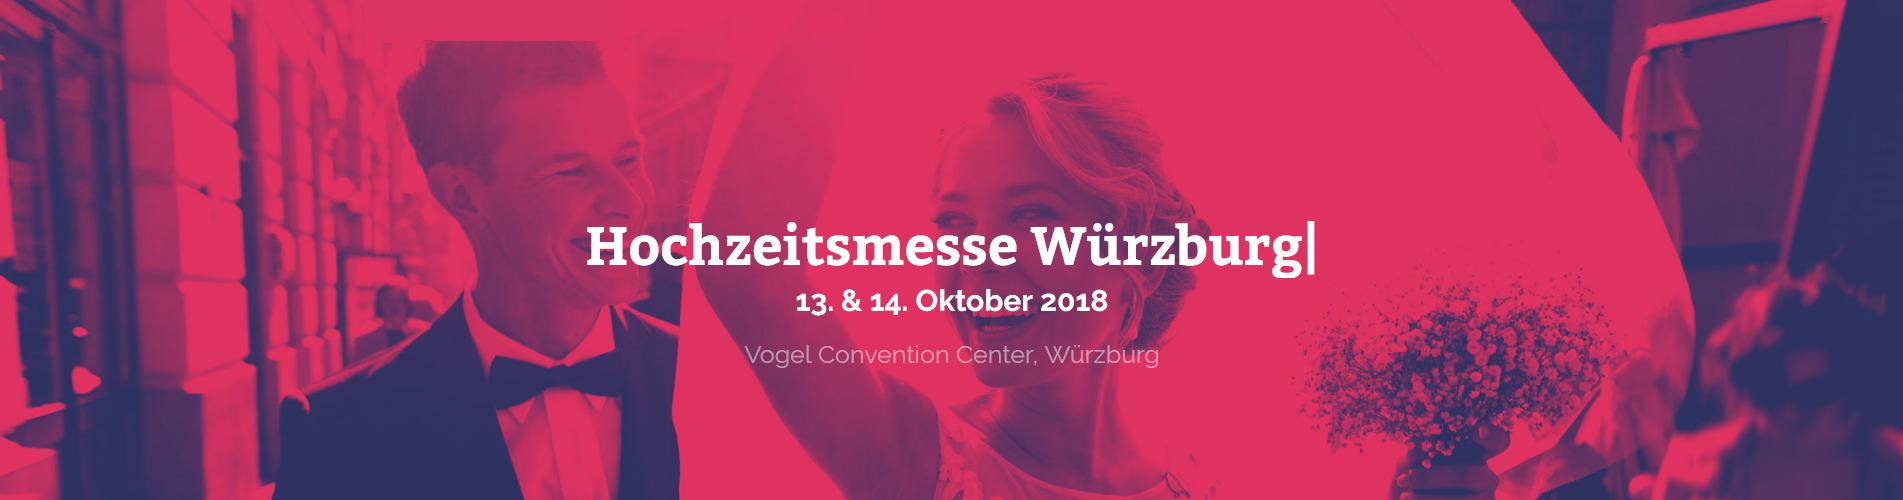 Screenshot_2018-10-08-Hochzeitsmesse-Würzburg-Hochzeitsmesse-Traumhochzeit-2